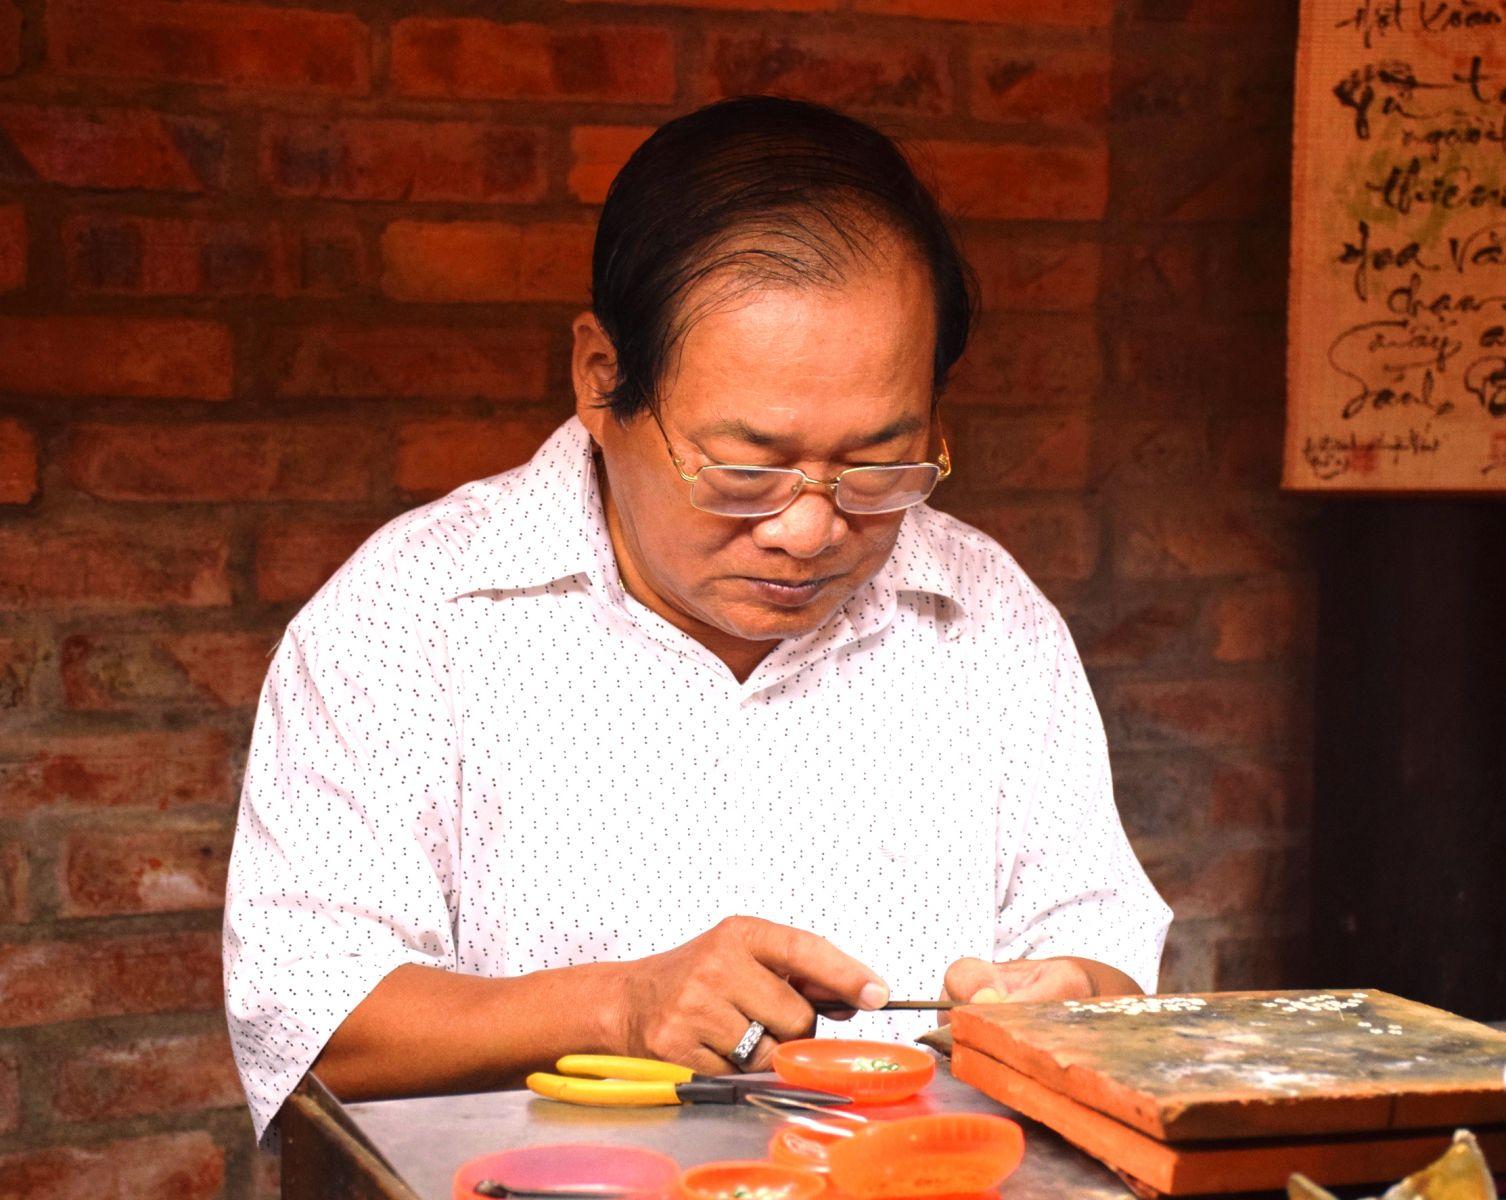 https://www.phanmemvang.com.vn/images/122221.JPG